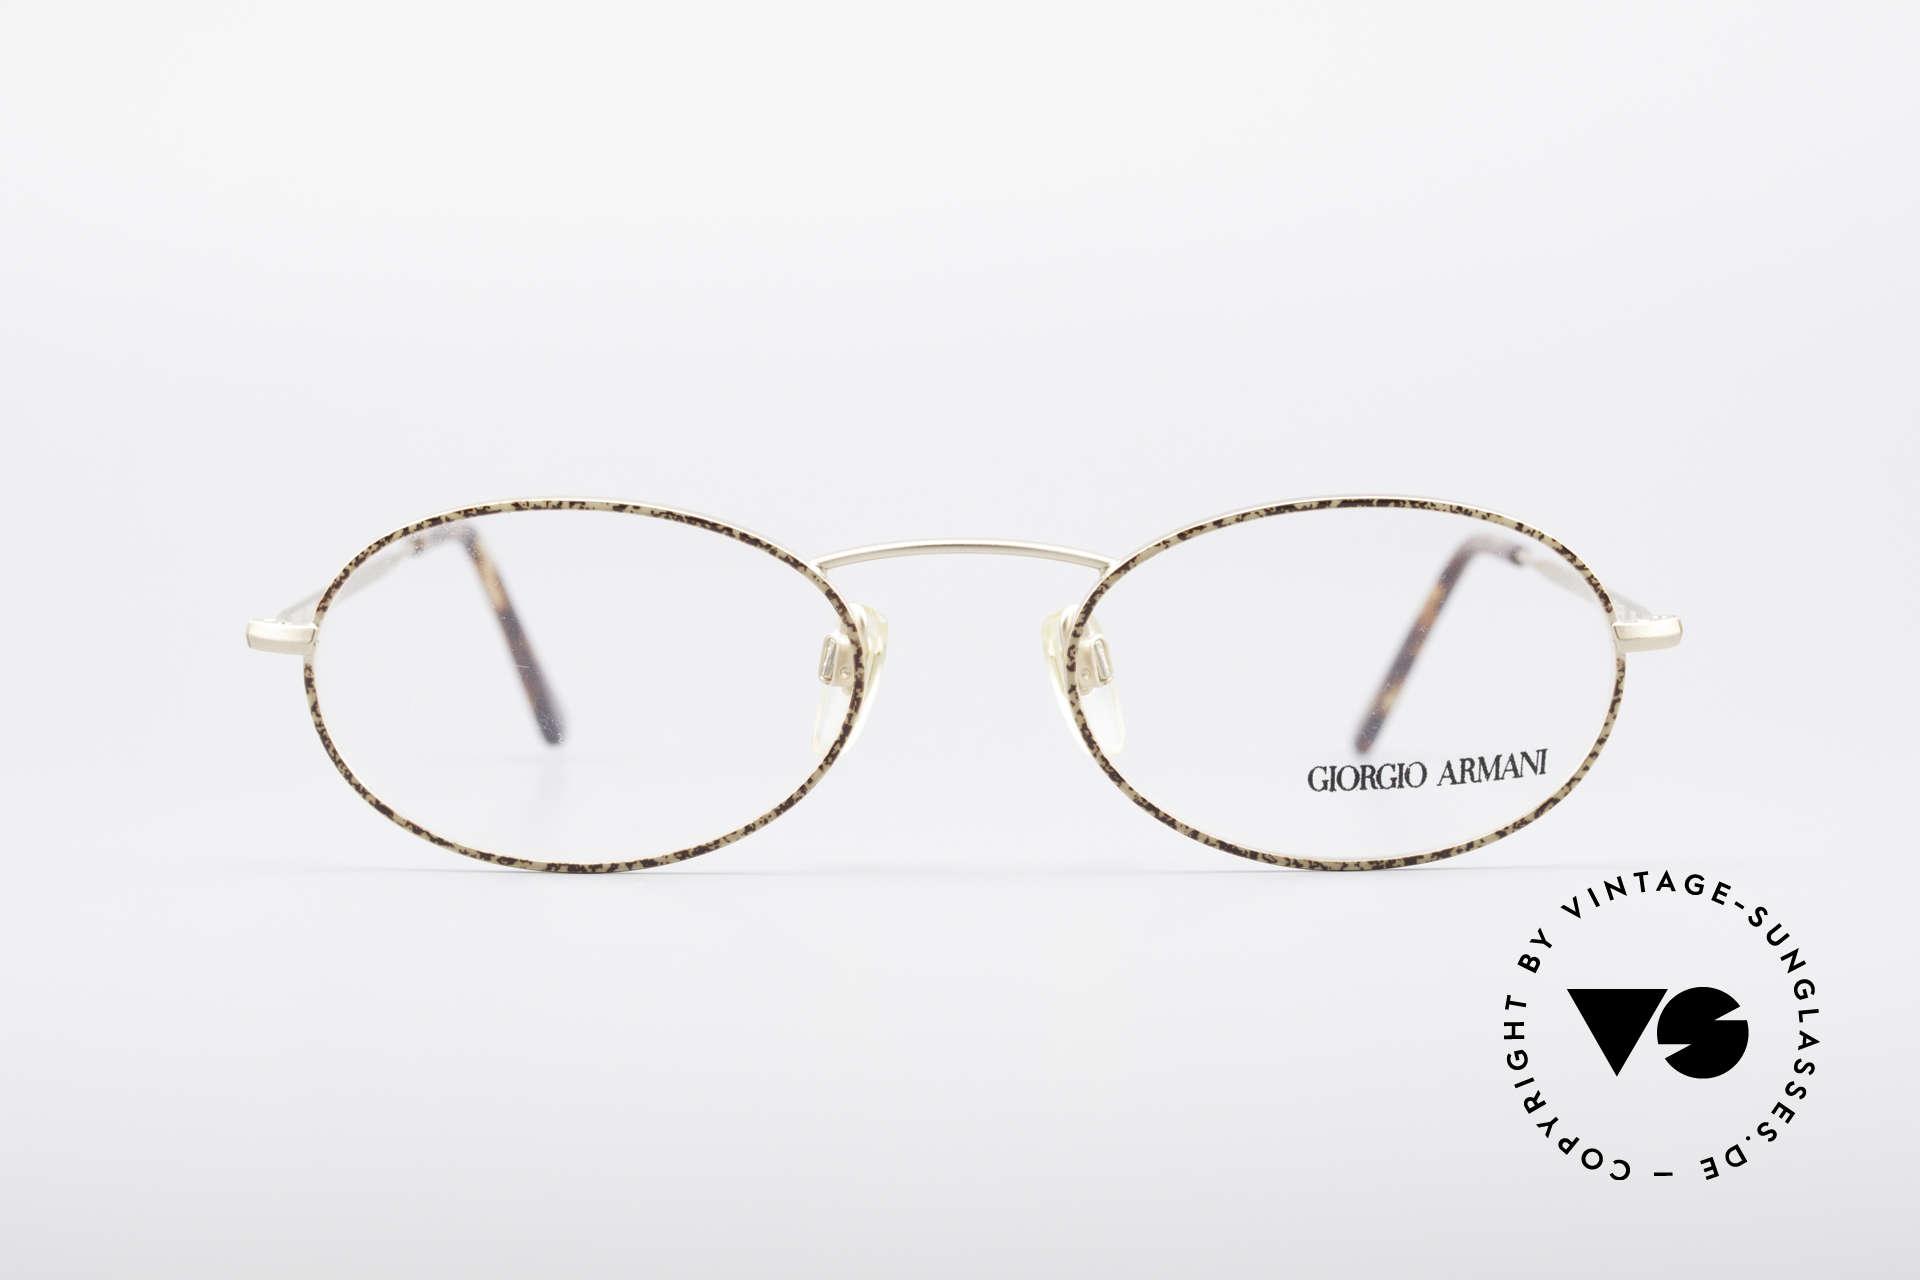 Giorgio Armani 125 Ovale Vintage Fassung, schlichter, ovaler Rahmen in absoluter Top Qualität, Passend für Herren und Damen